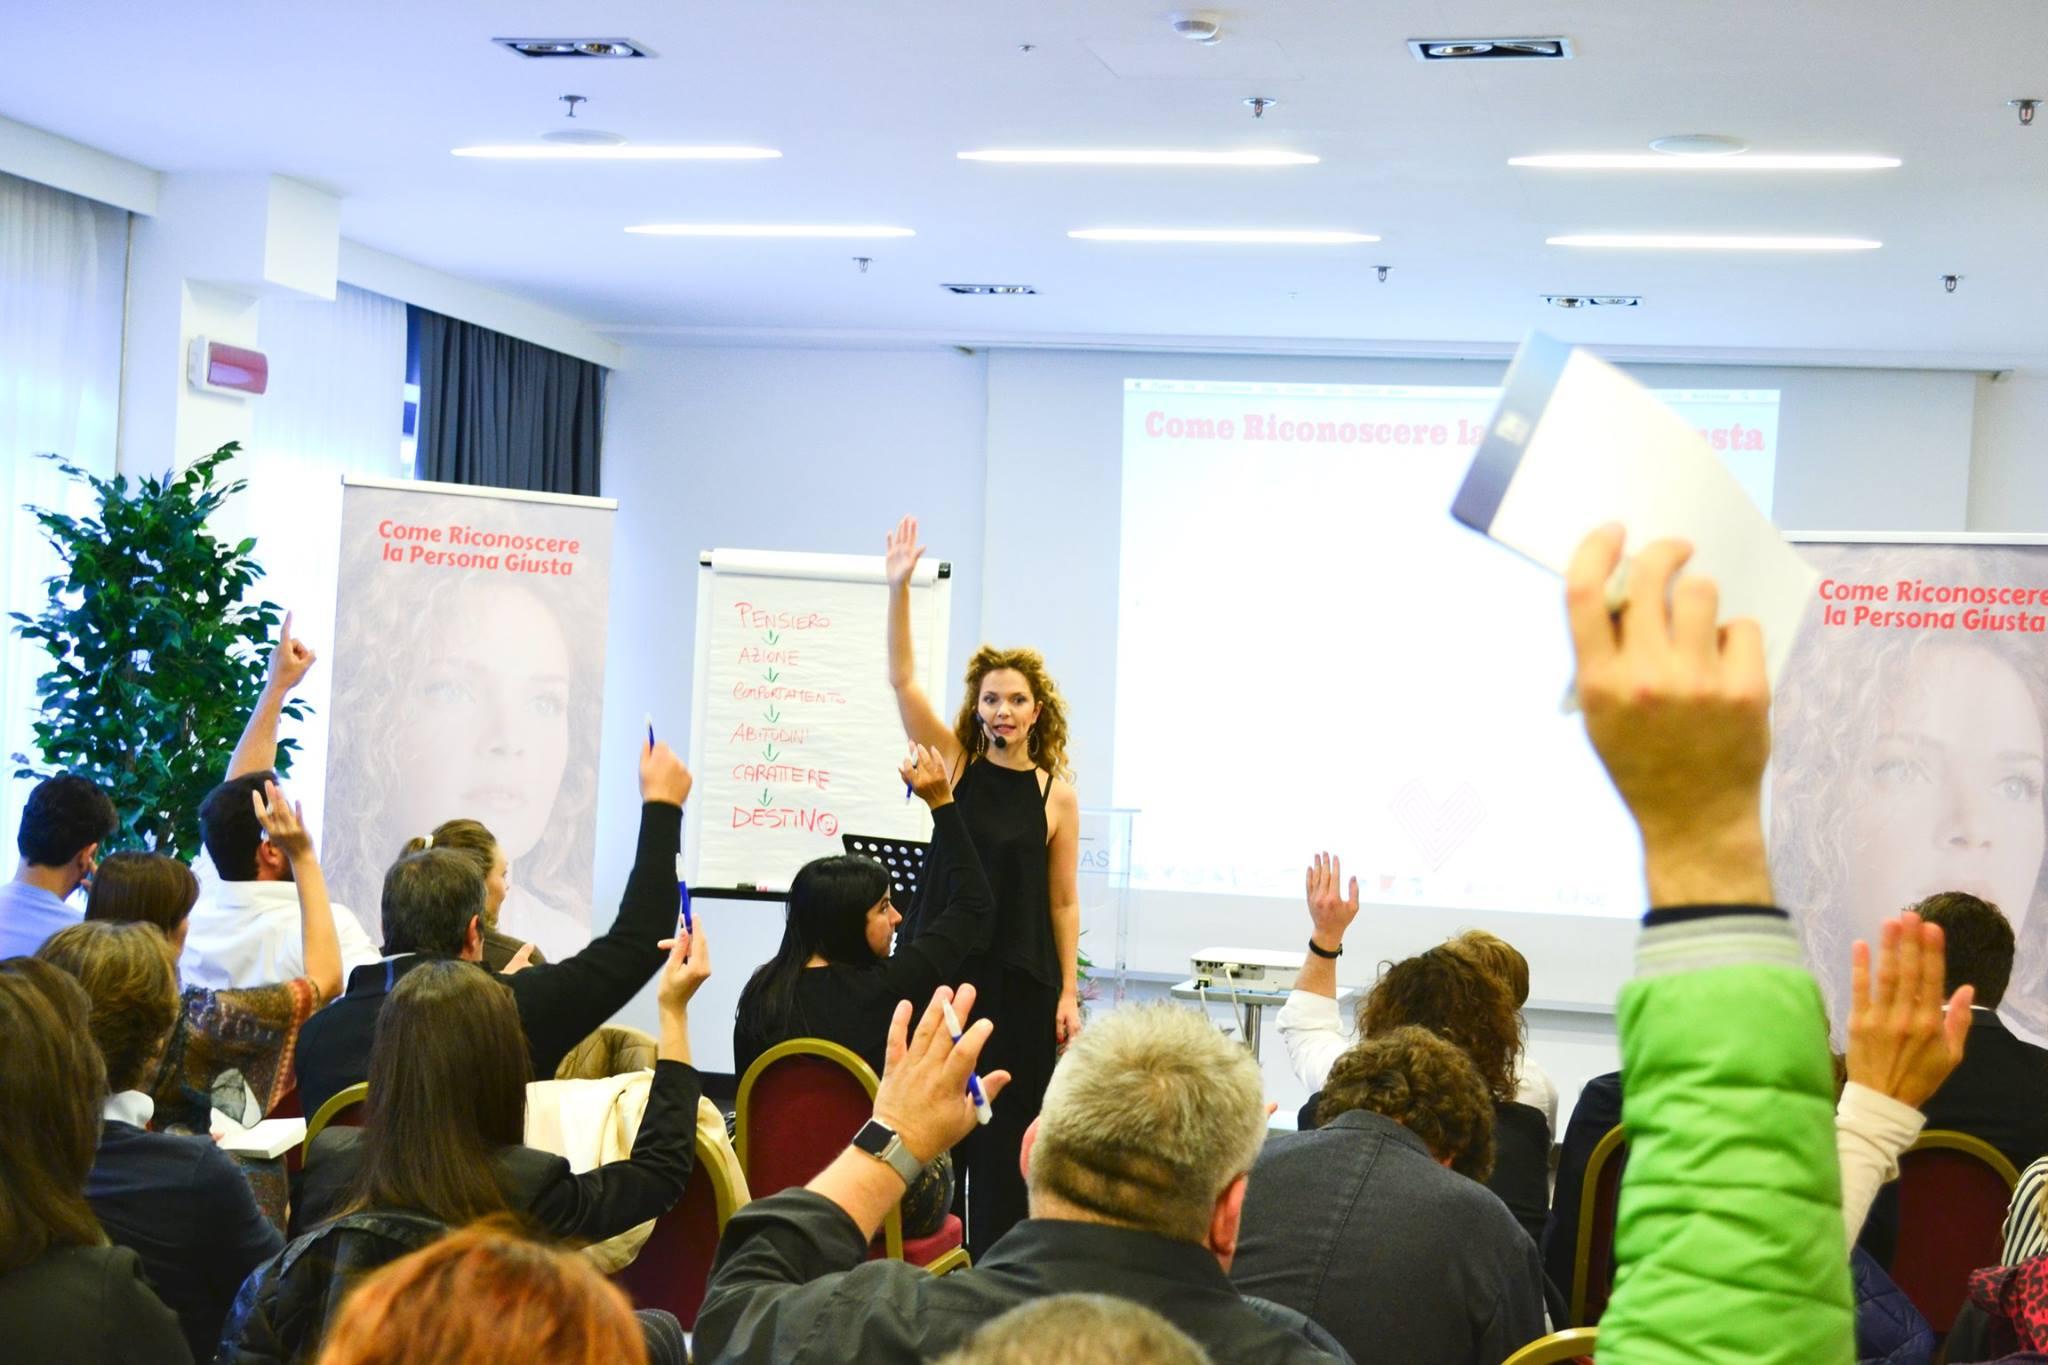 Giovanna-De-Maio-Workshop-Come-Riconoscere-la-Persona-Giusta-Roma-28